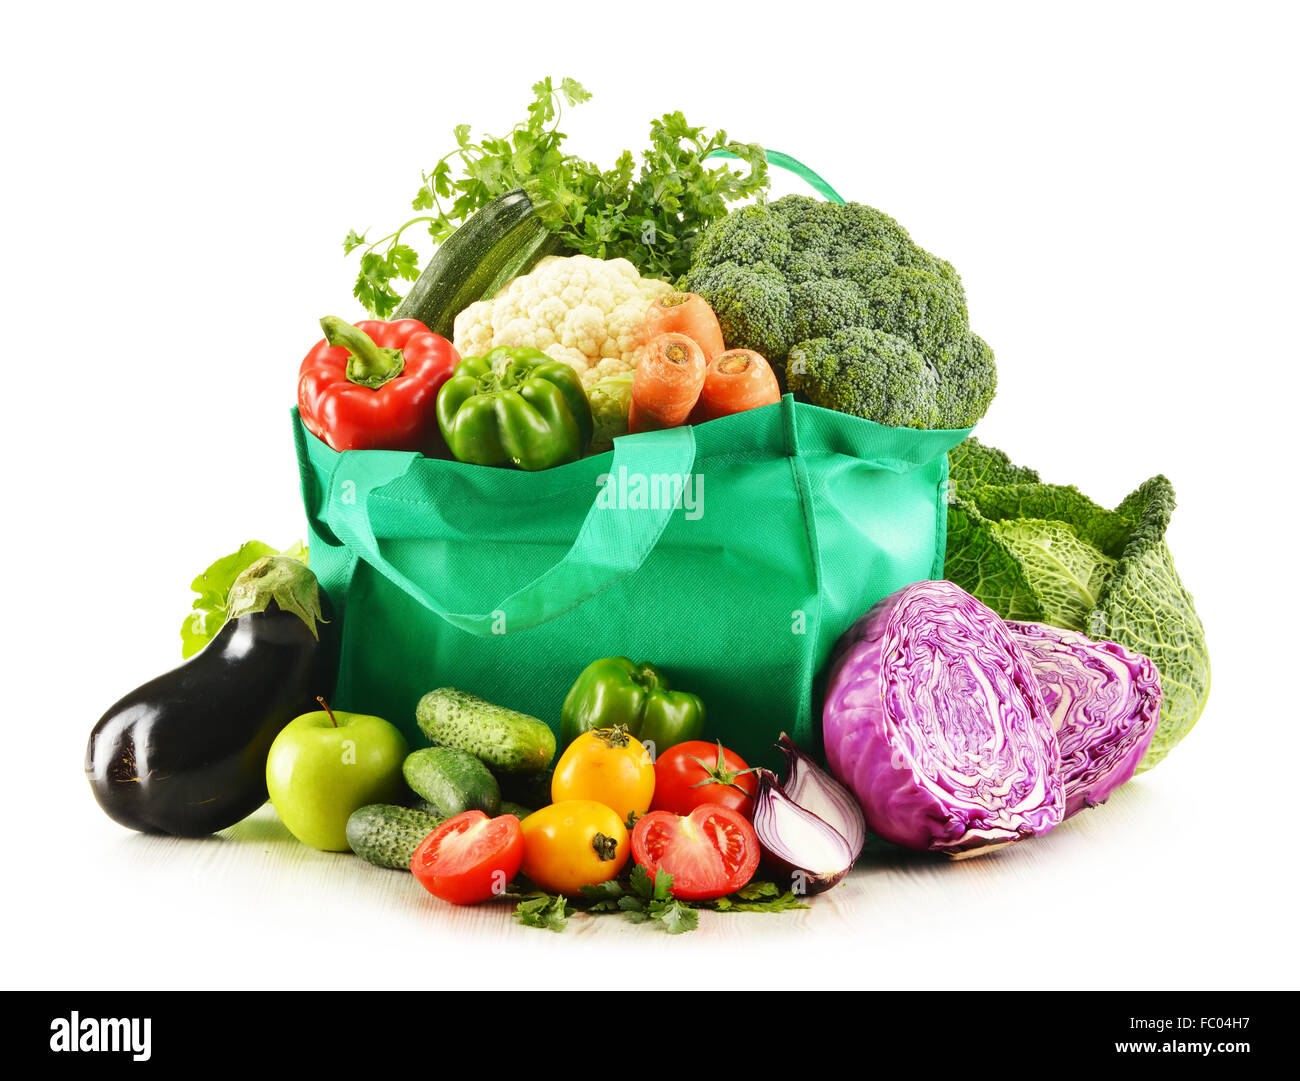 Panier avec variété de légumes biologiques frais isolated on white Photo Stock